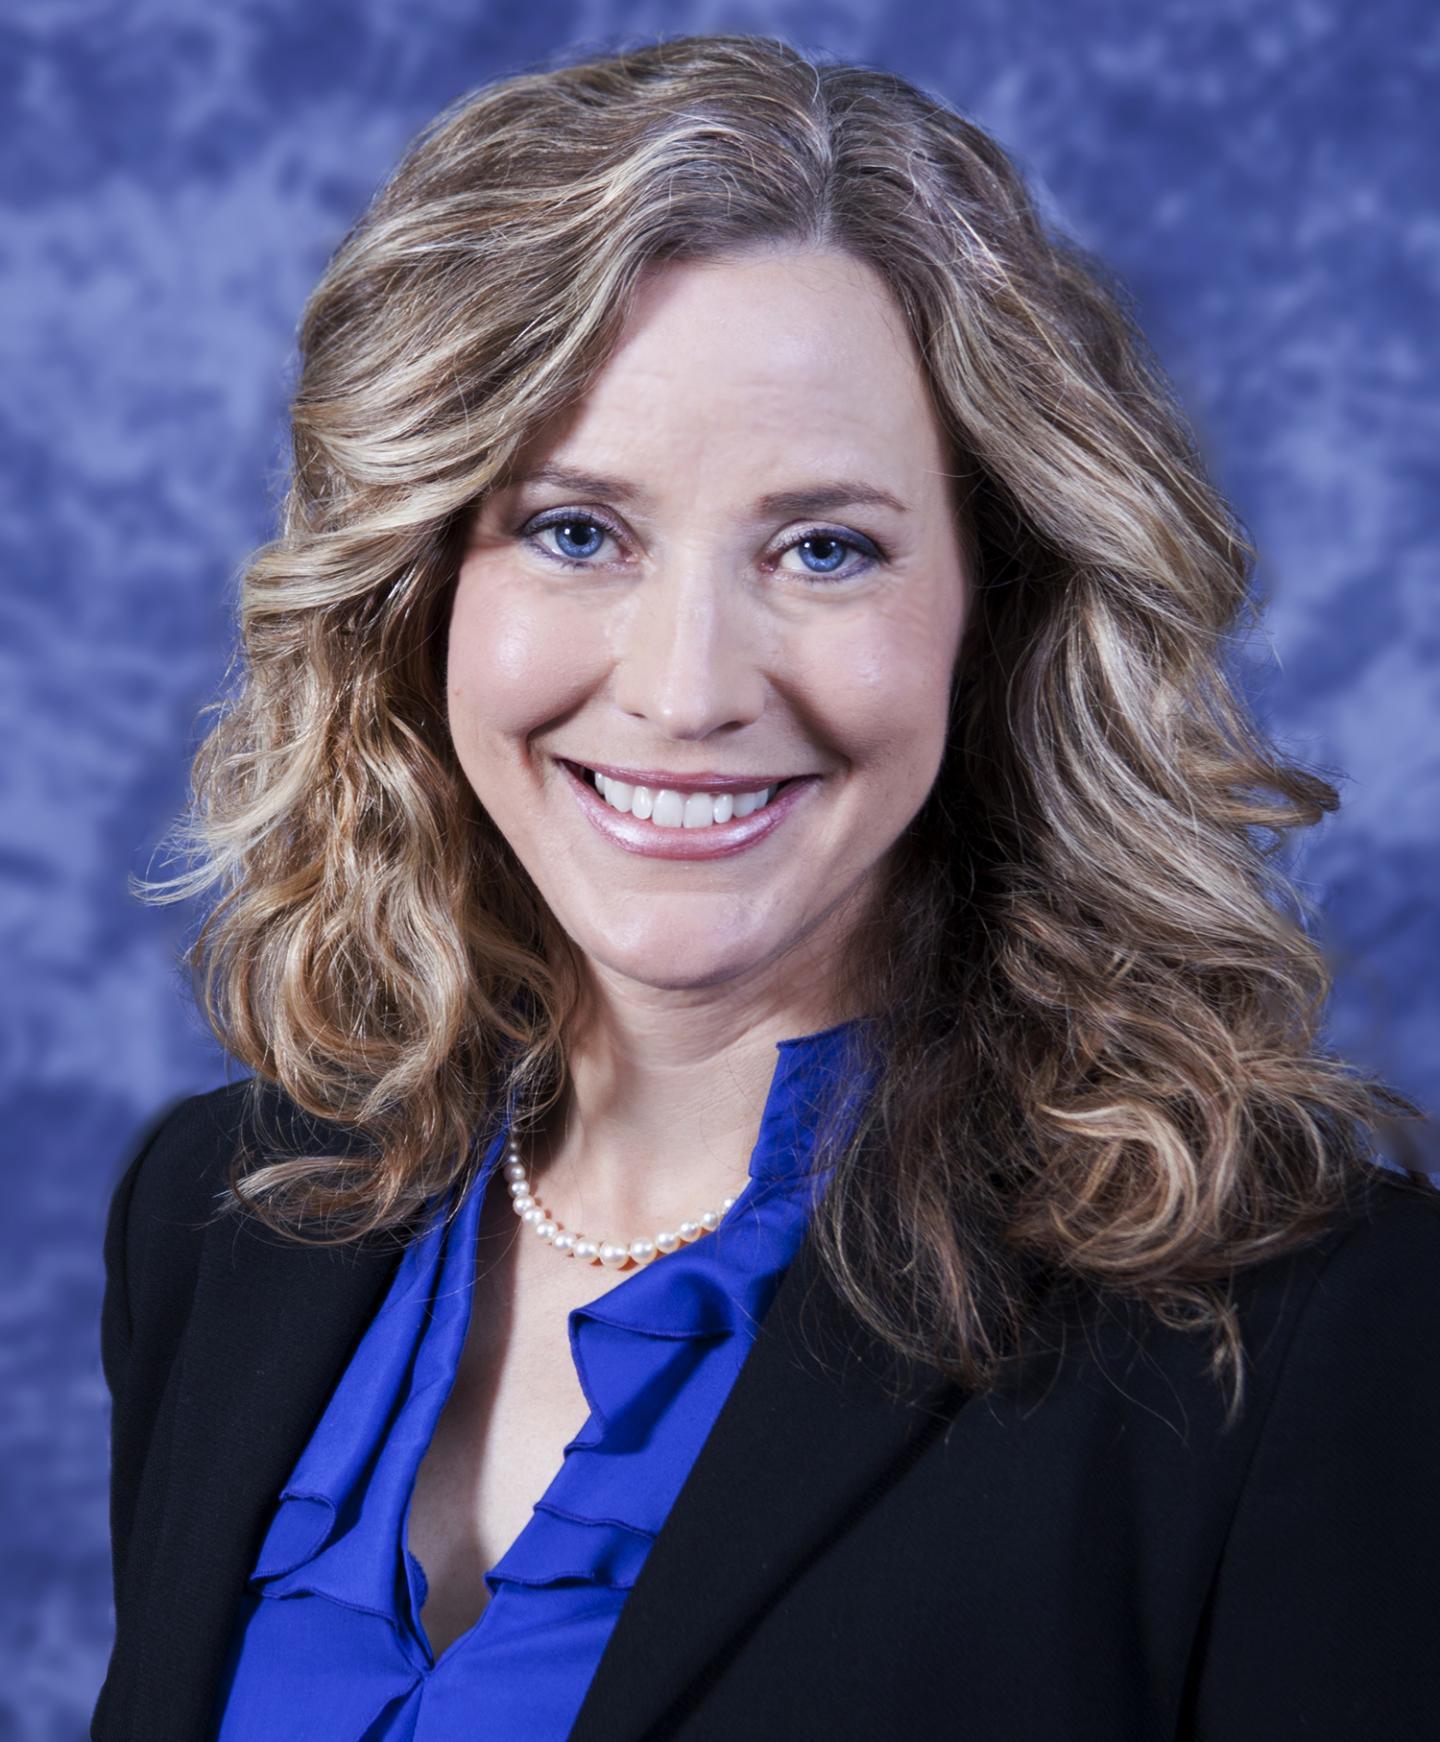 Dr. Noelle Moreau